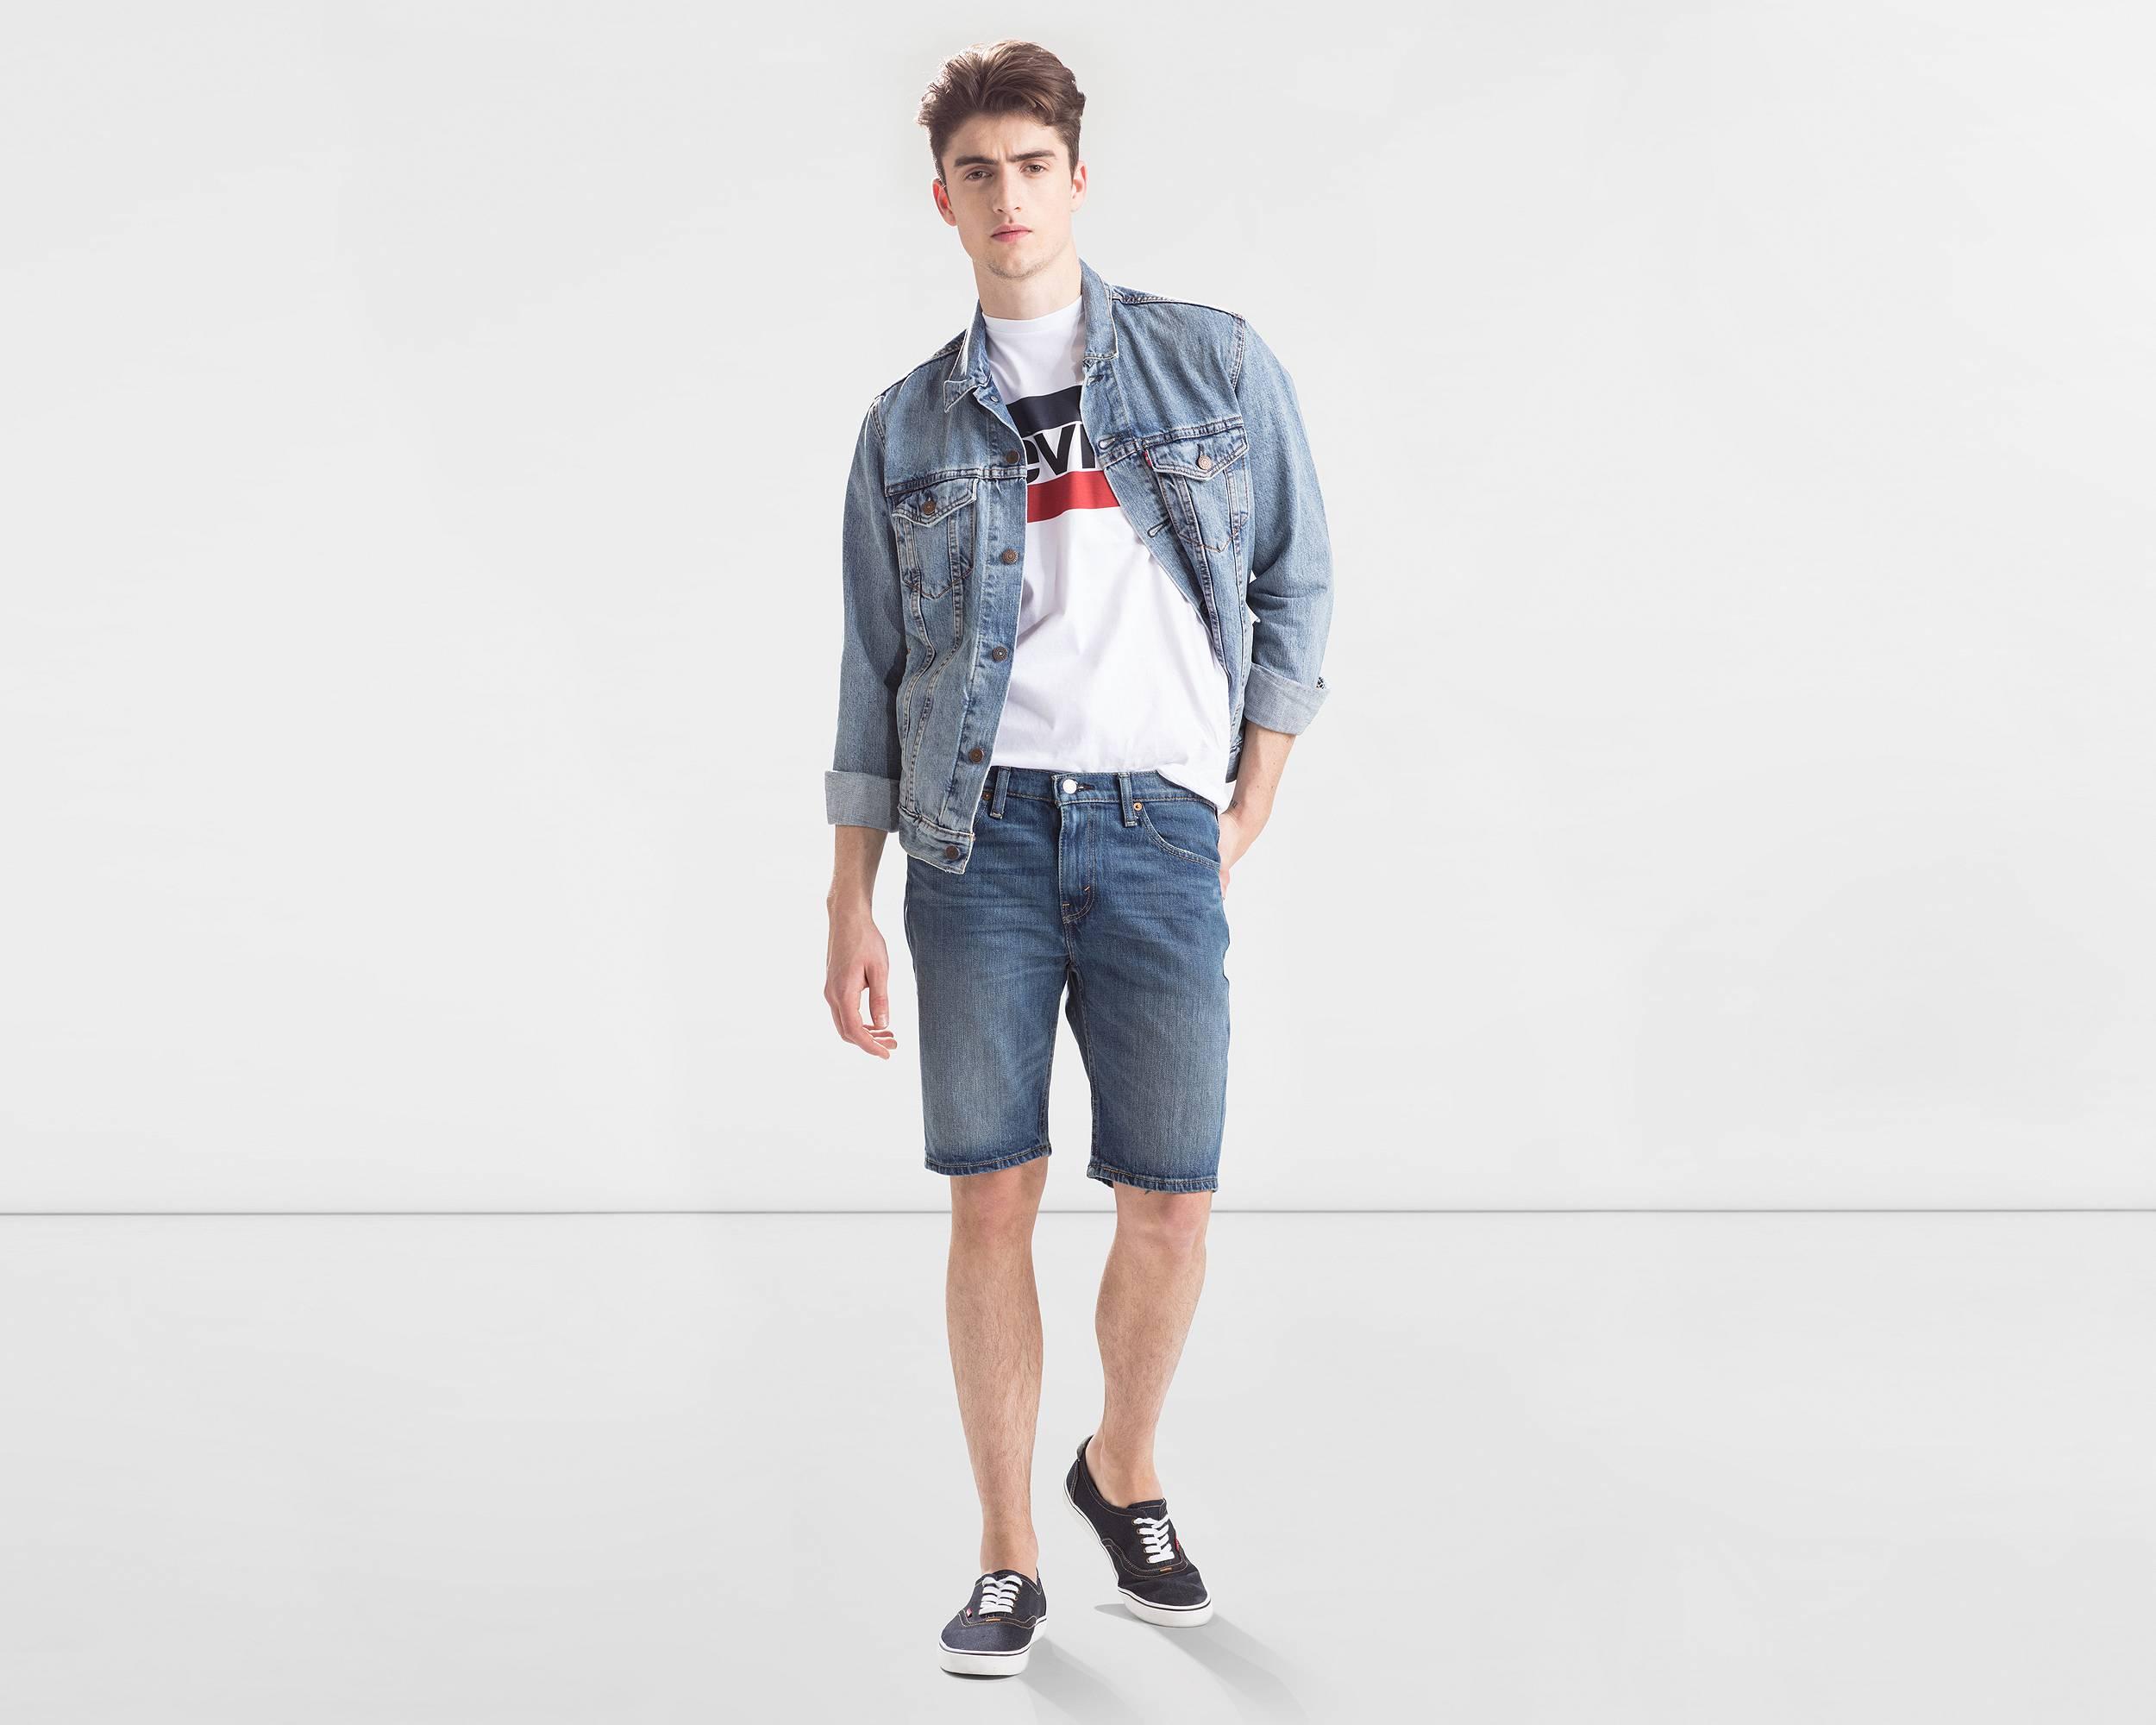 Levi's® 511 Shorts - Shop Slim Fit Shorts for Men   Levi's®